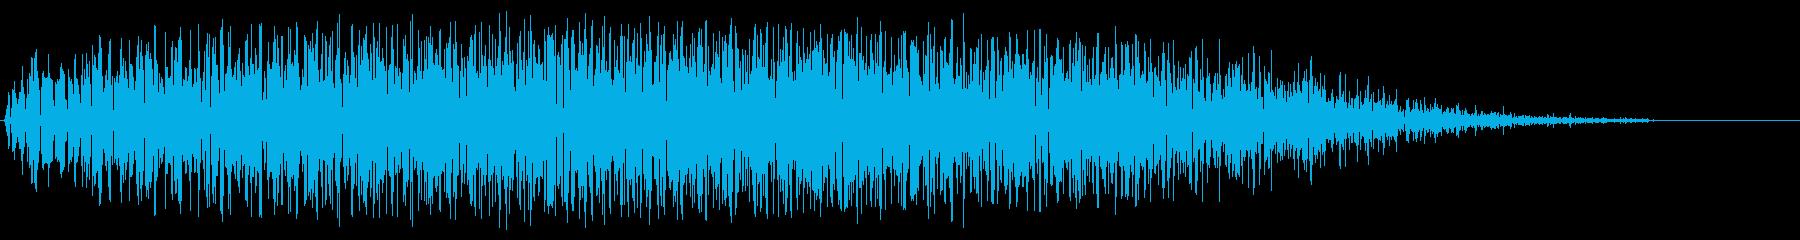 コミカル飛行音(長め)の再生済みの波形